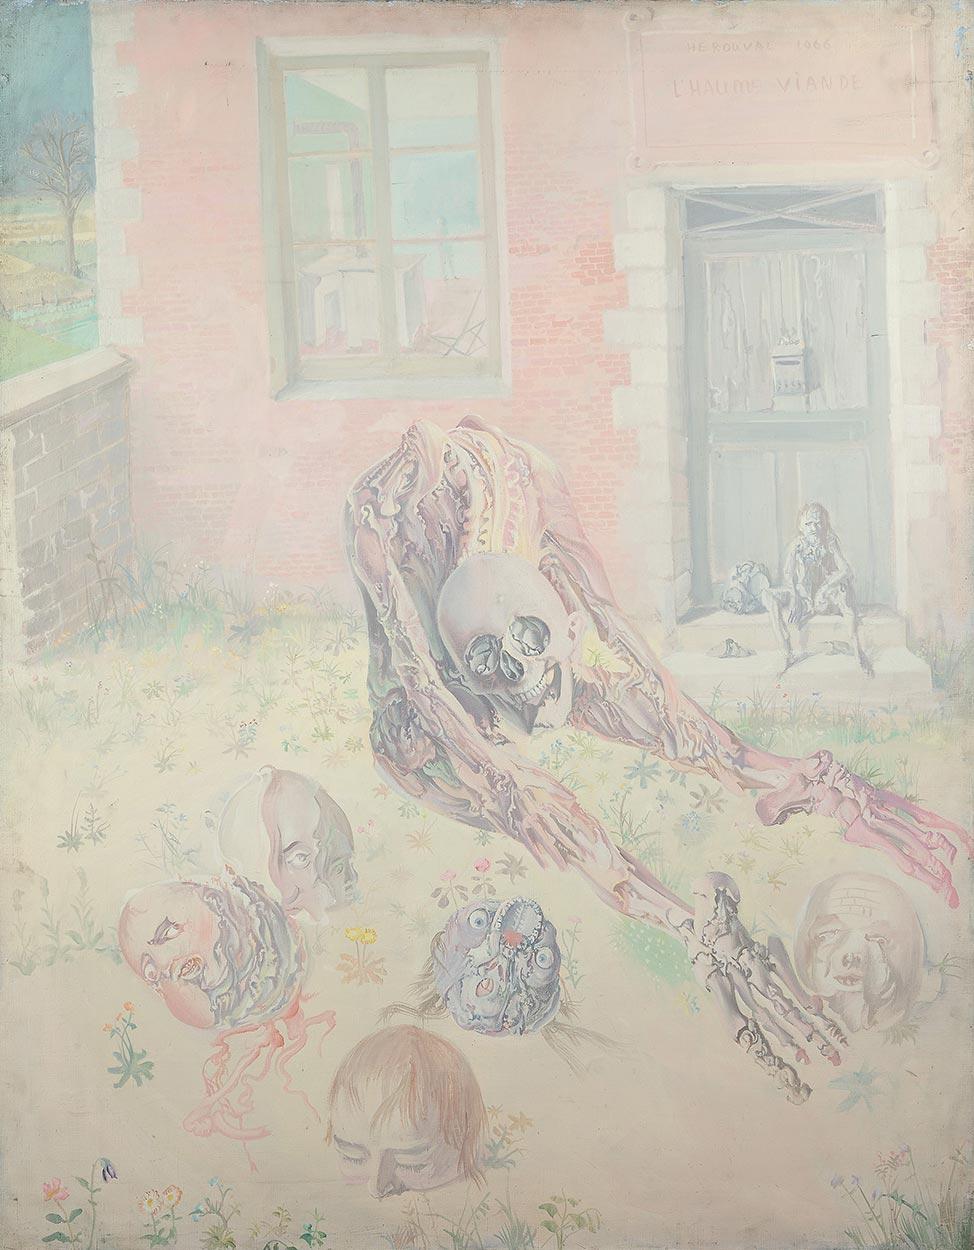 Dado: L'Haume viande, 1966